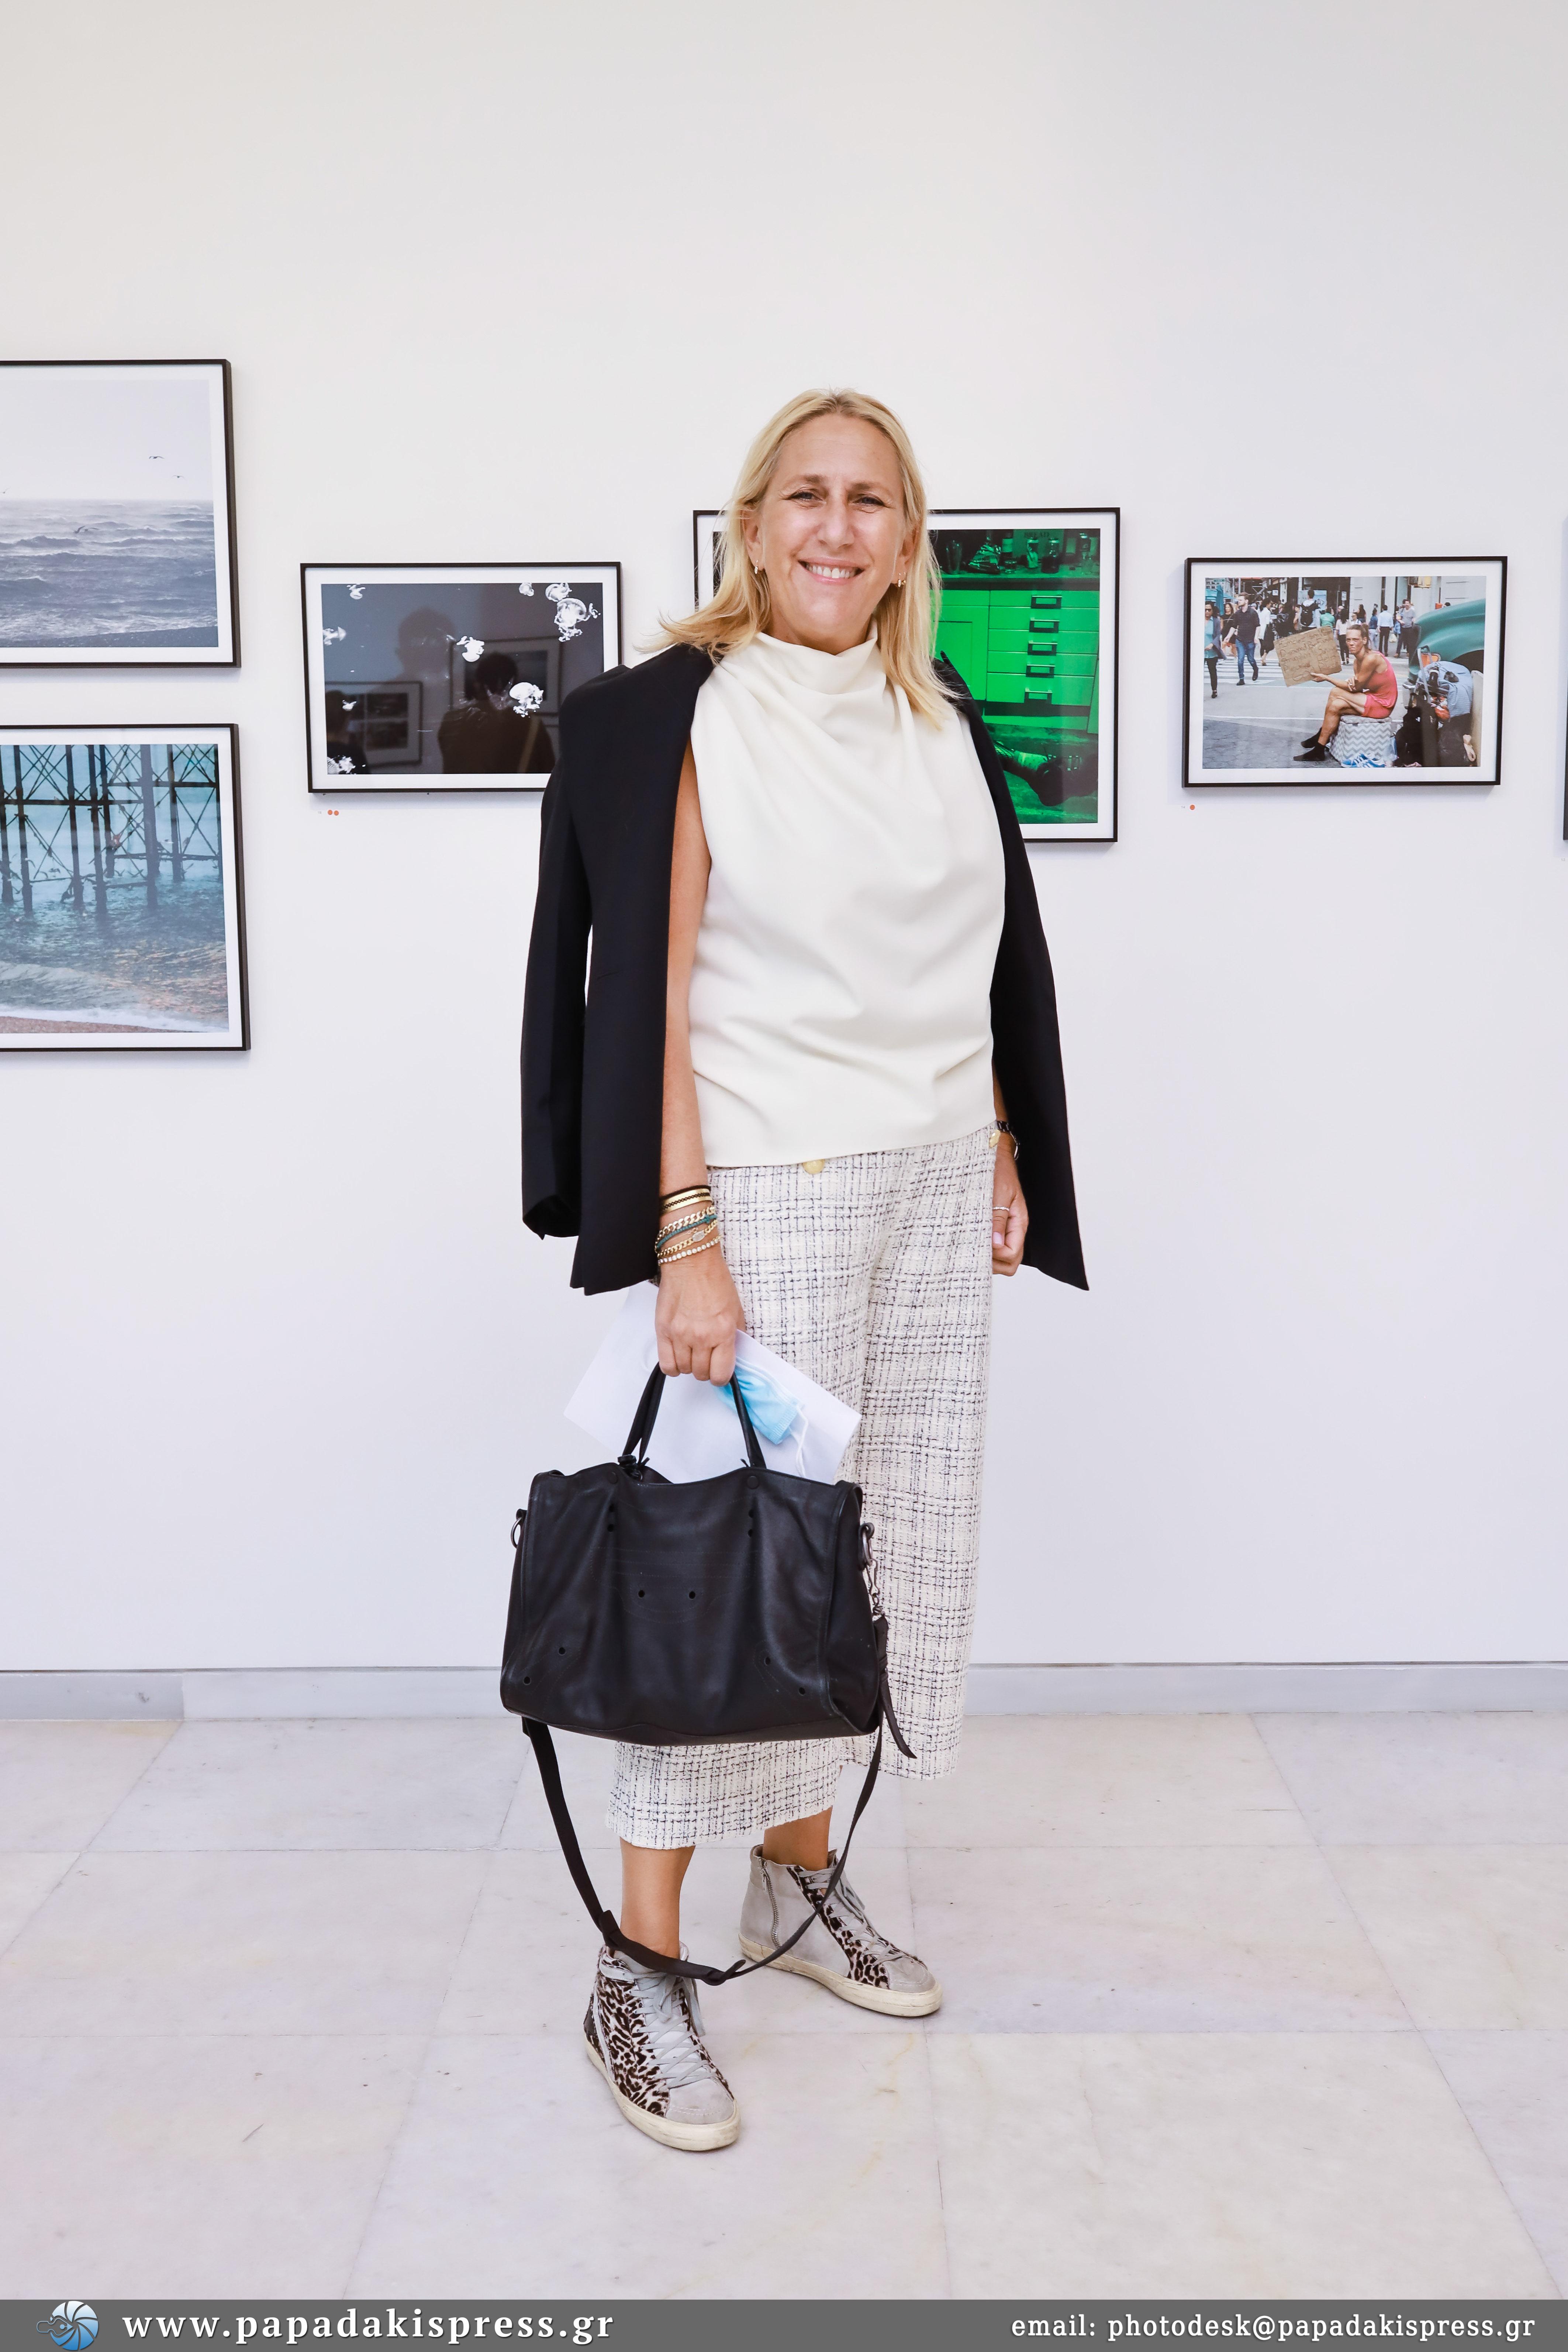 Εγκαίνια της έκθεσης φωτογραφίας «Νόστος & Άλγος» @Γκαλερί Ζουμπουλάκη 29